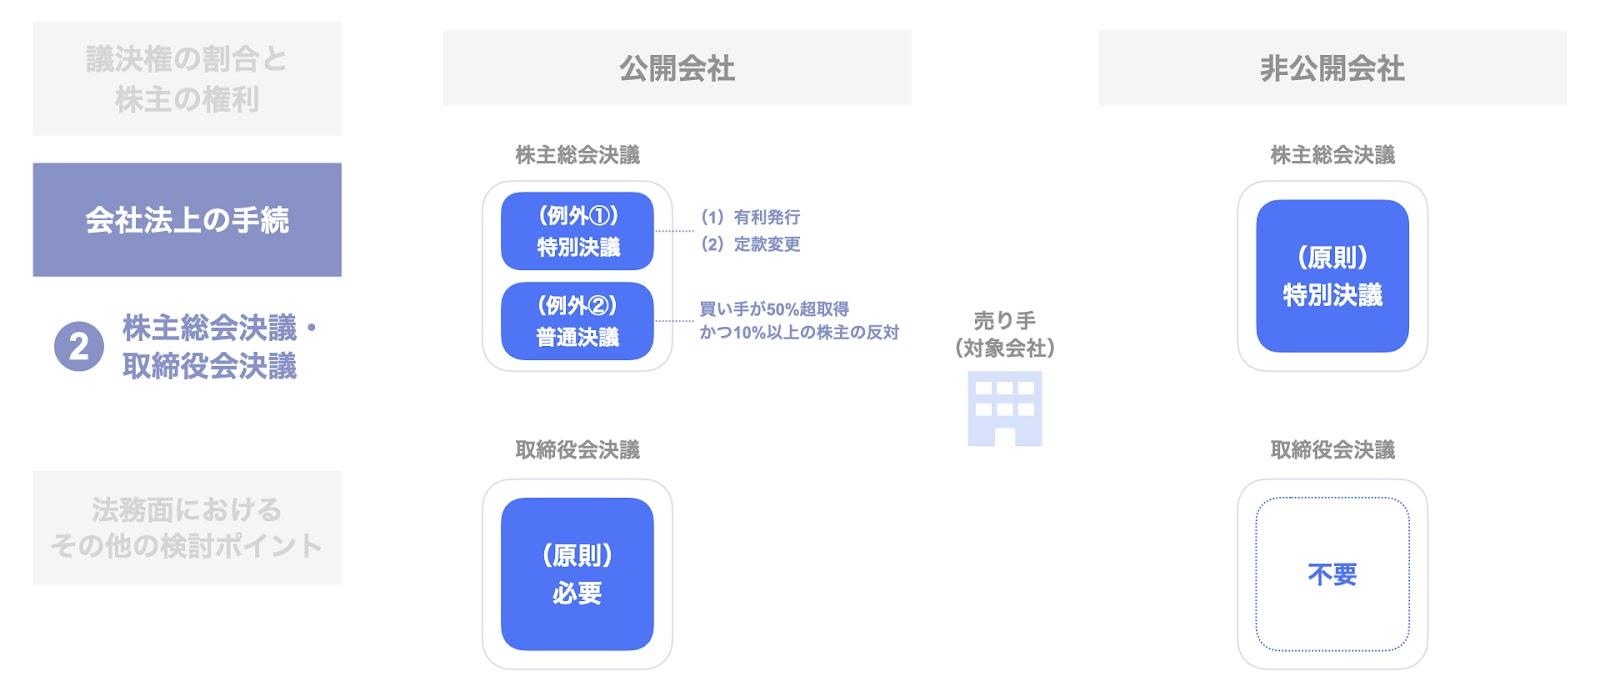 売り手(対象会社)における株主総会・取締役会決議の要否